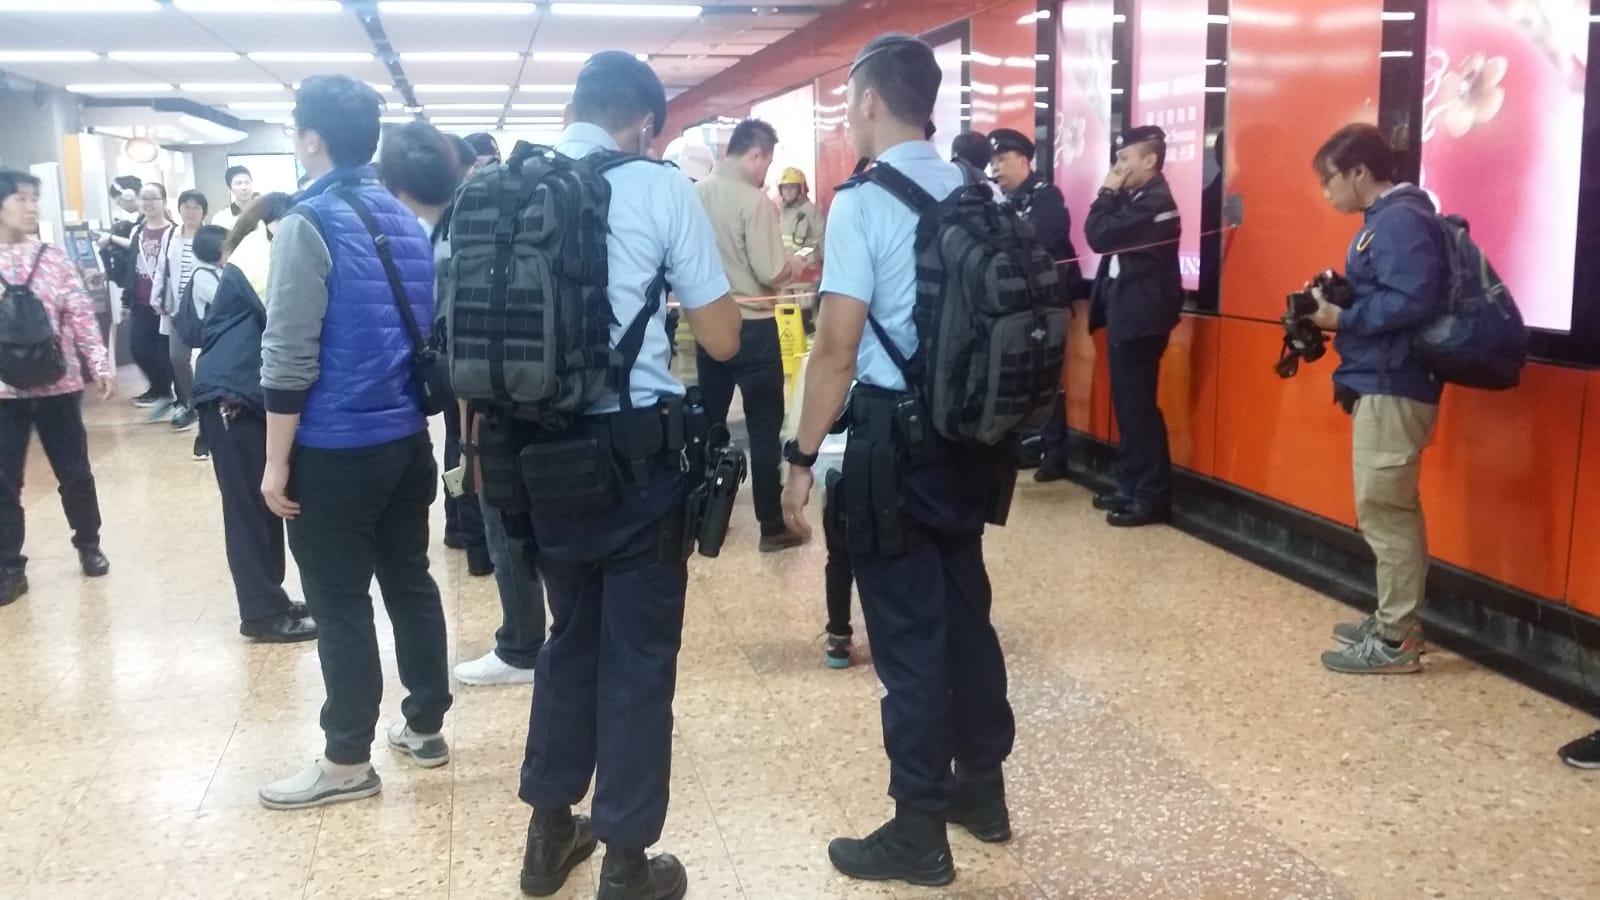 警方新成立的鐵路反恐應變部隊趕到場戒備。